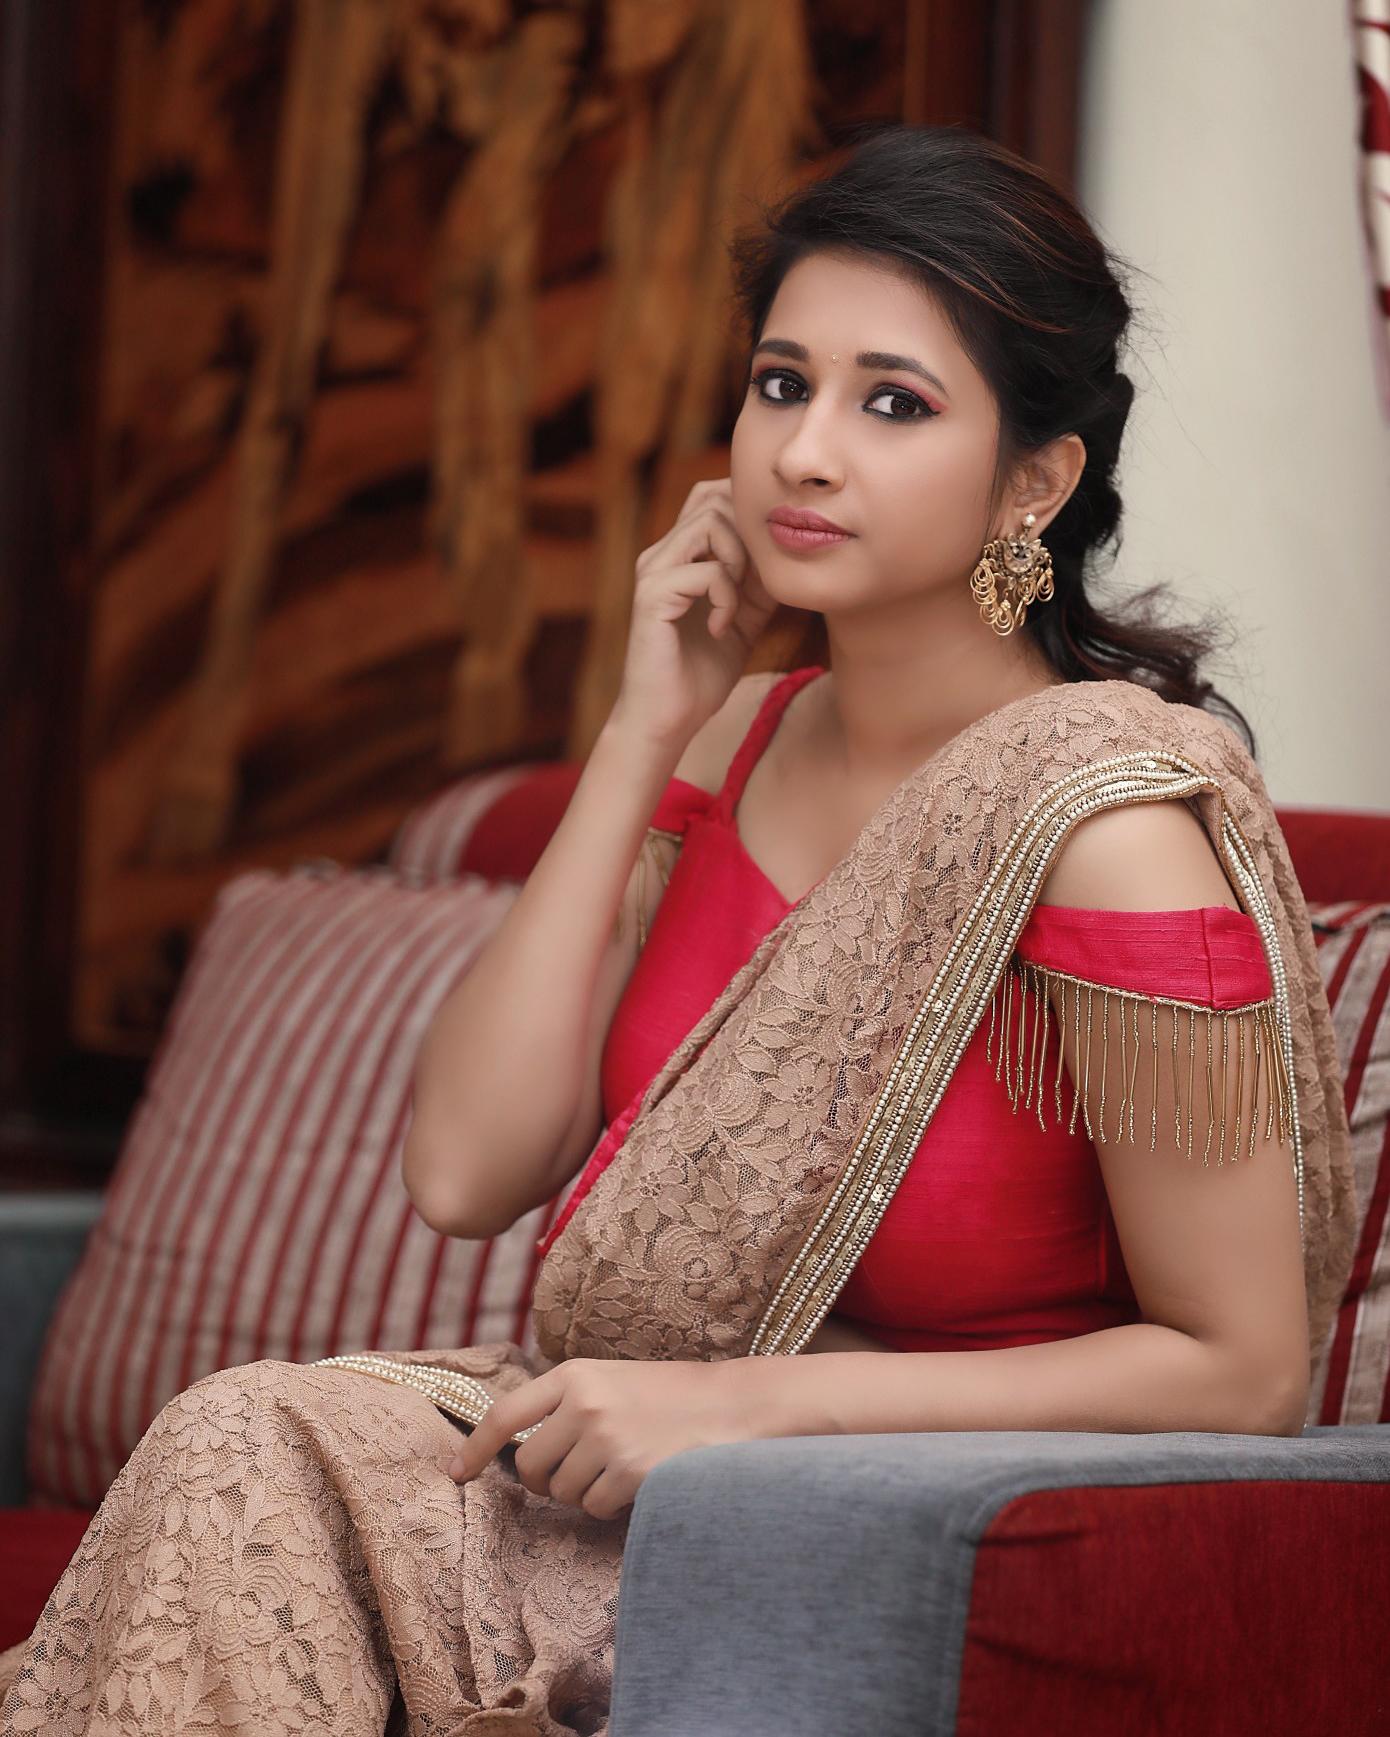 நடிகை மான்விதா ஹரிஷின் லேட்டஸ்ட் ஸ்டில்ஸ்..!